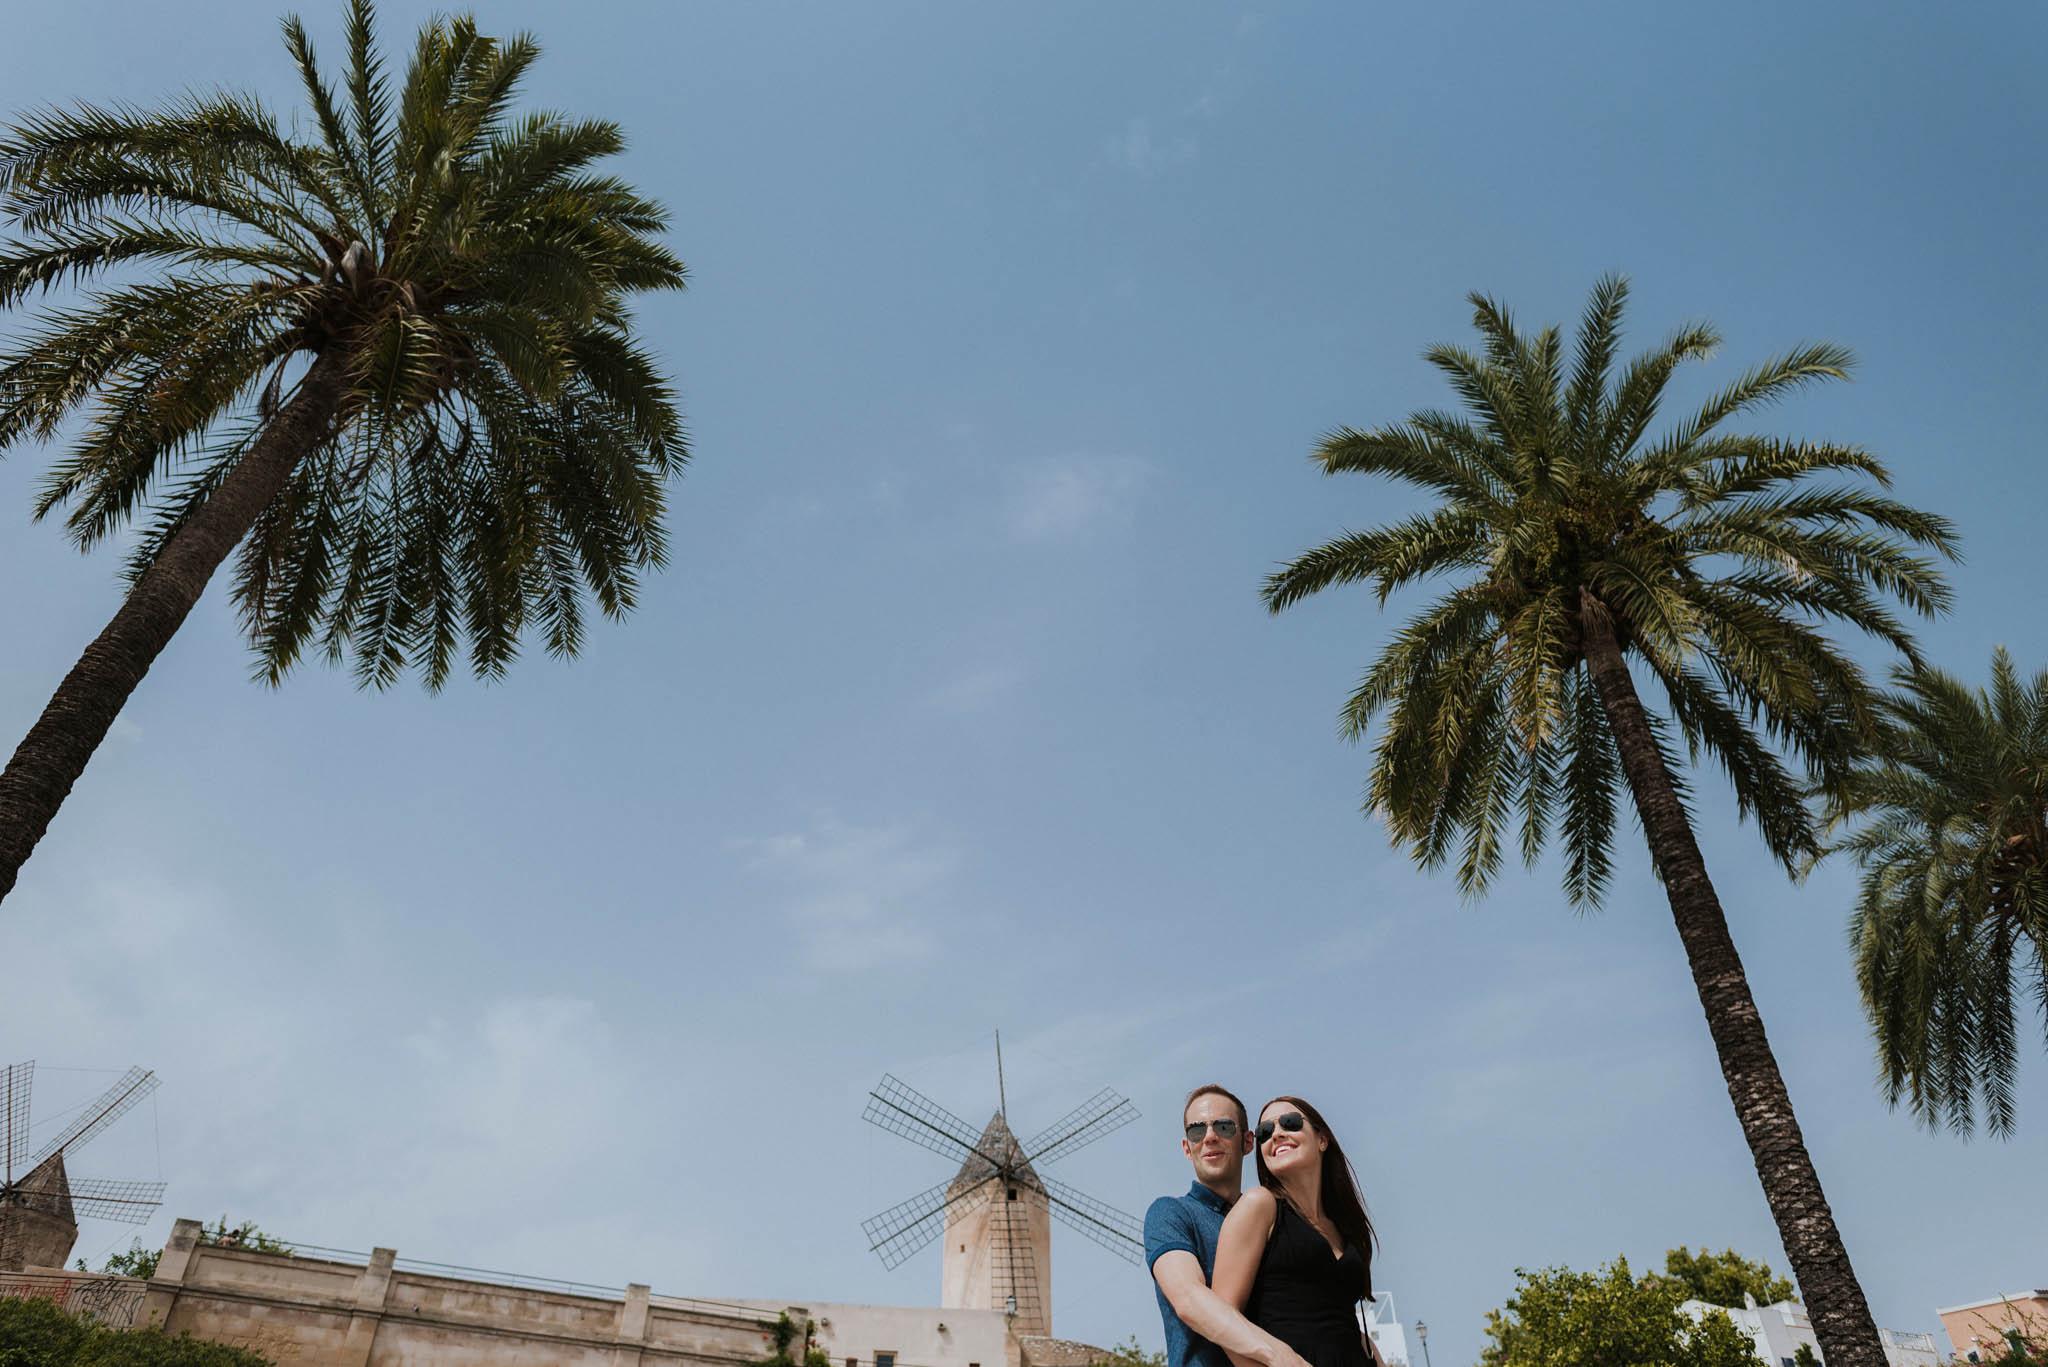 destination-wedding-photography-spain-palma-de-mallorca (16)